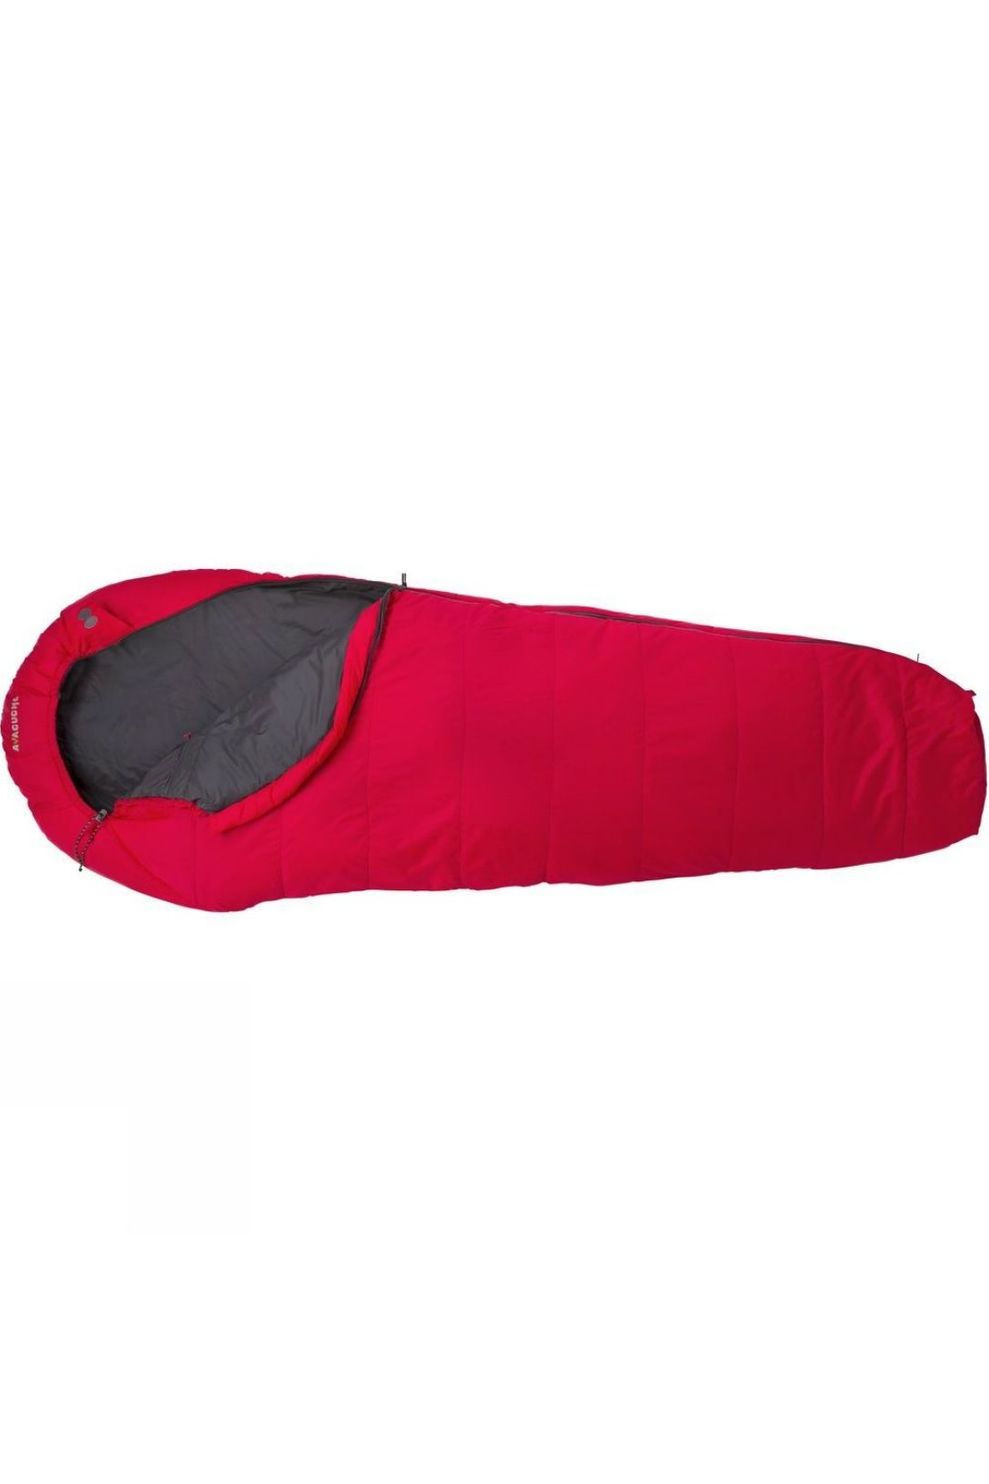 Ayacucho Lite 700 Sleeping Bag